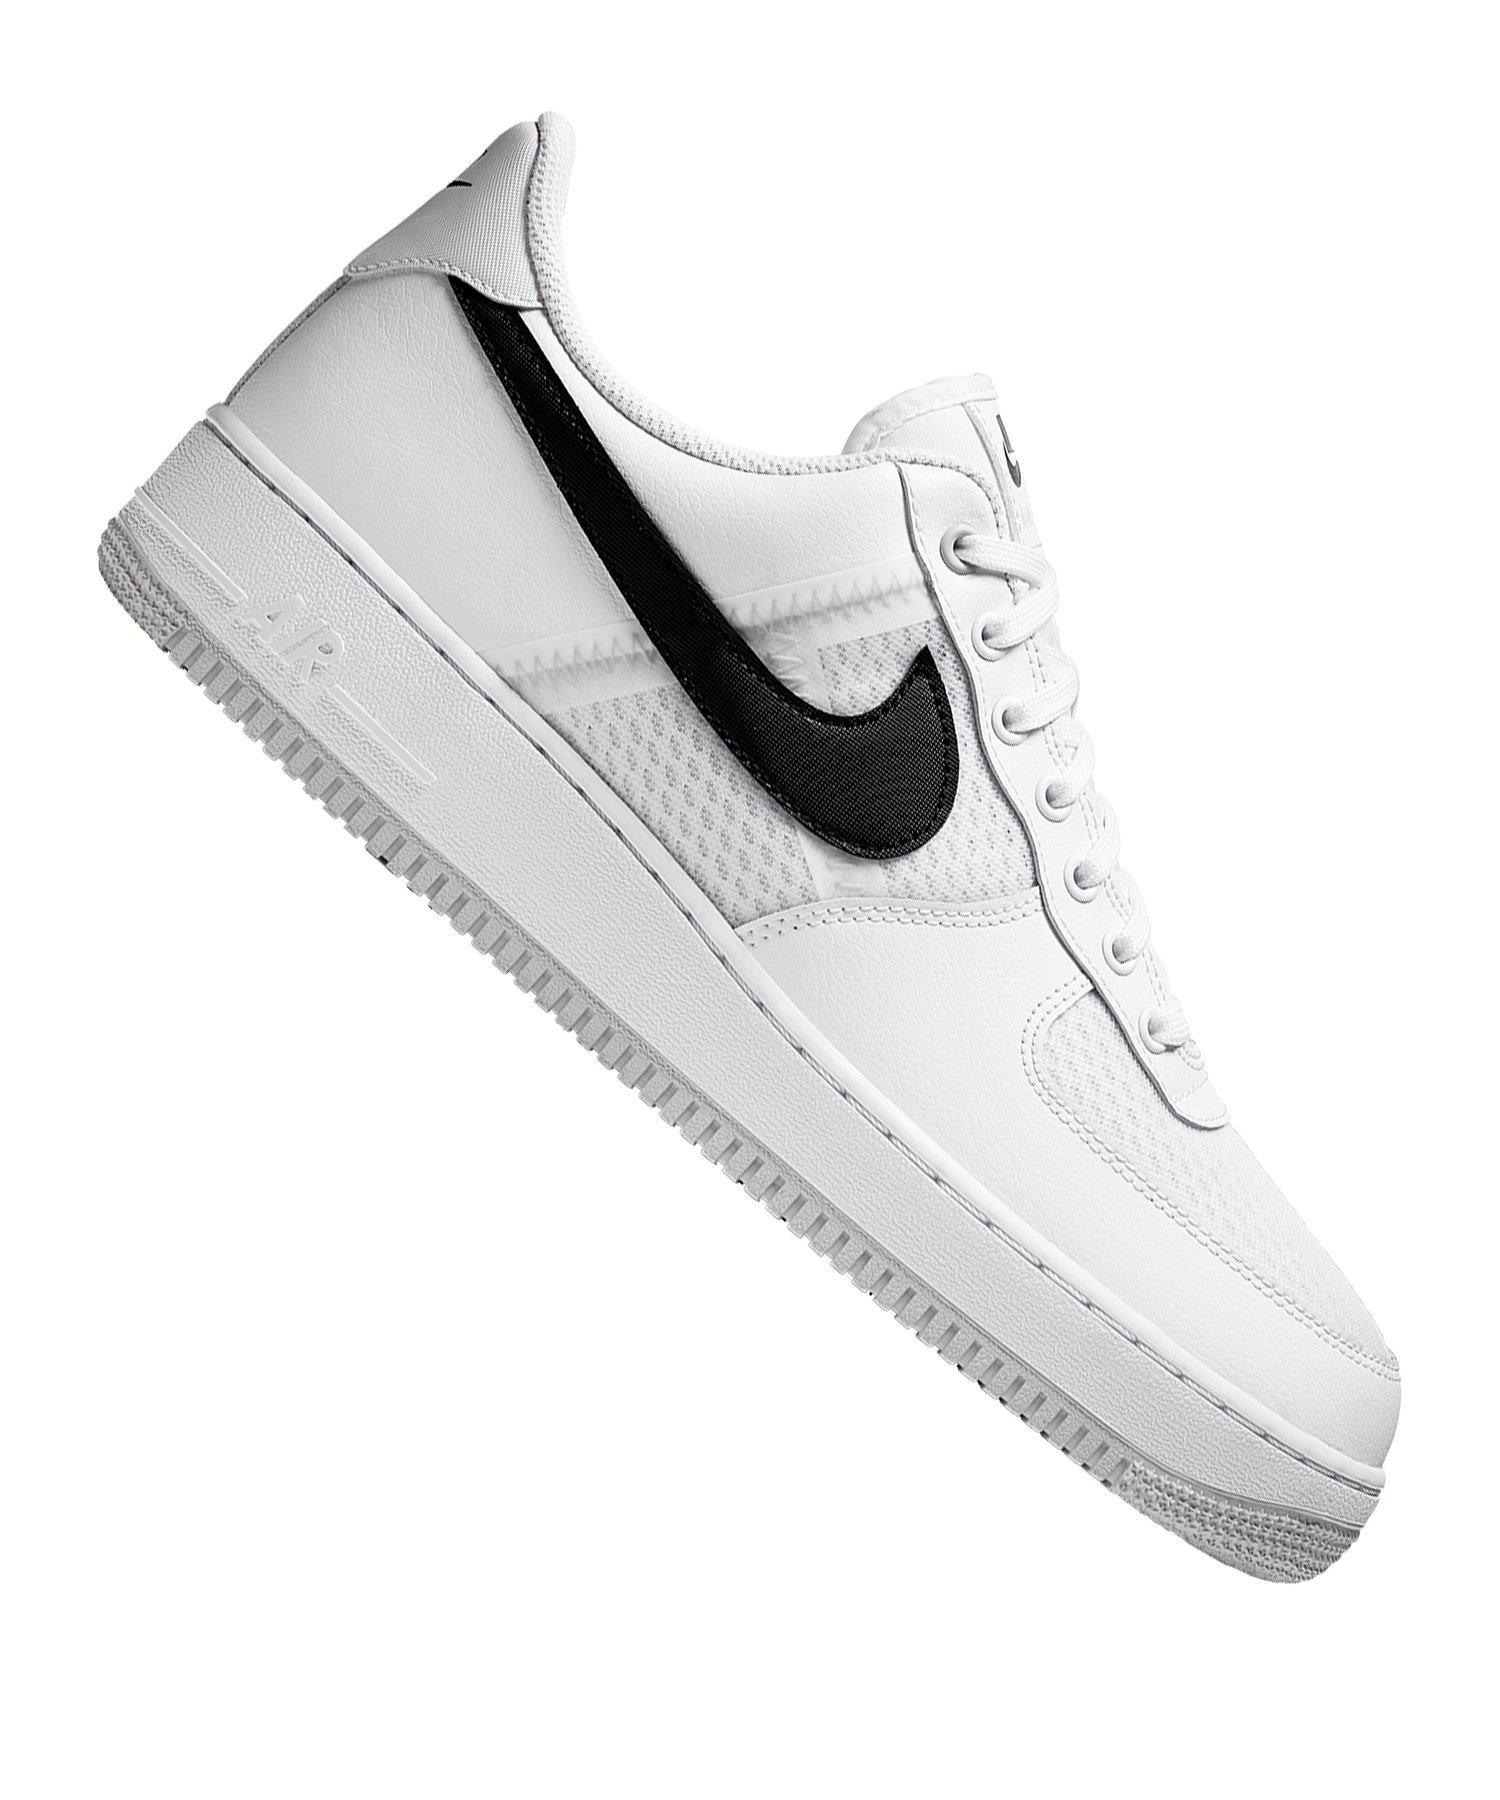 heißer verkauf Nike Air Force 1 07 LV8 Schuhe grün Nike Air